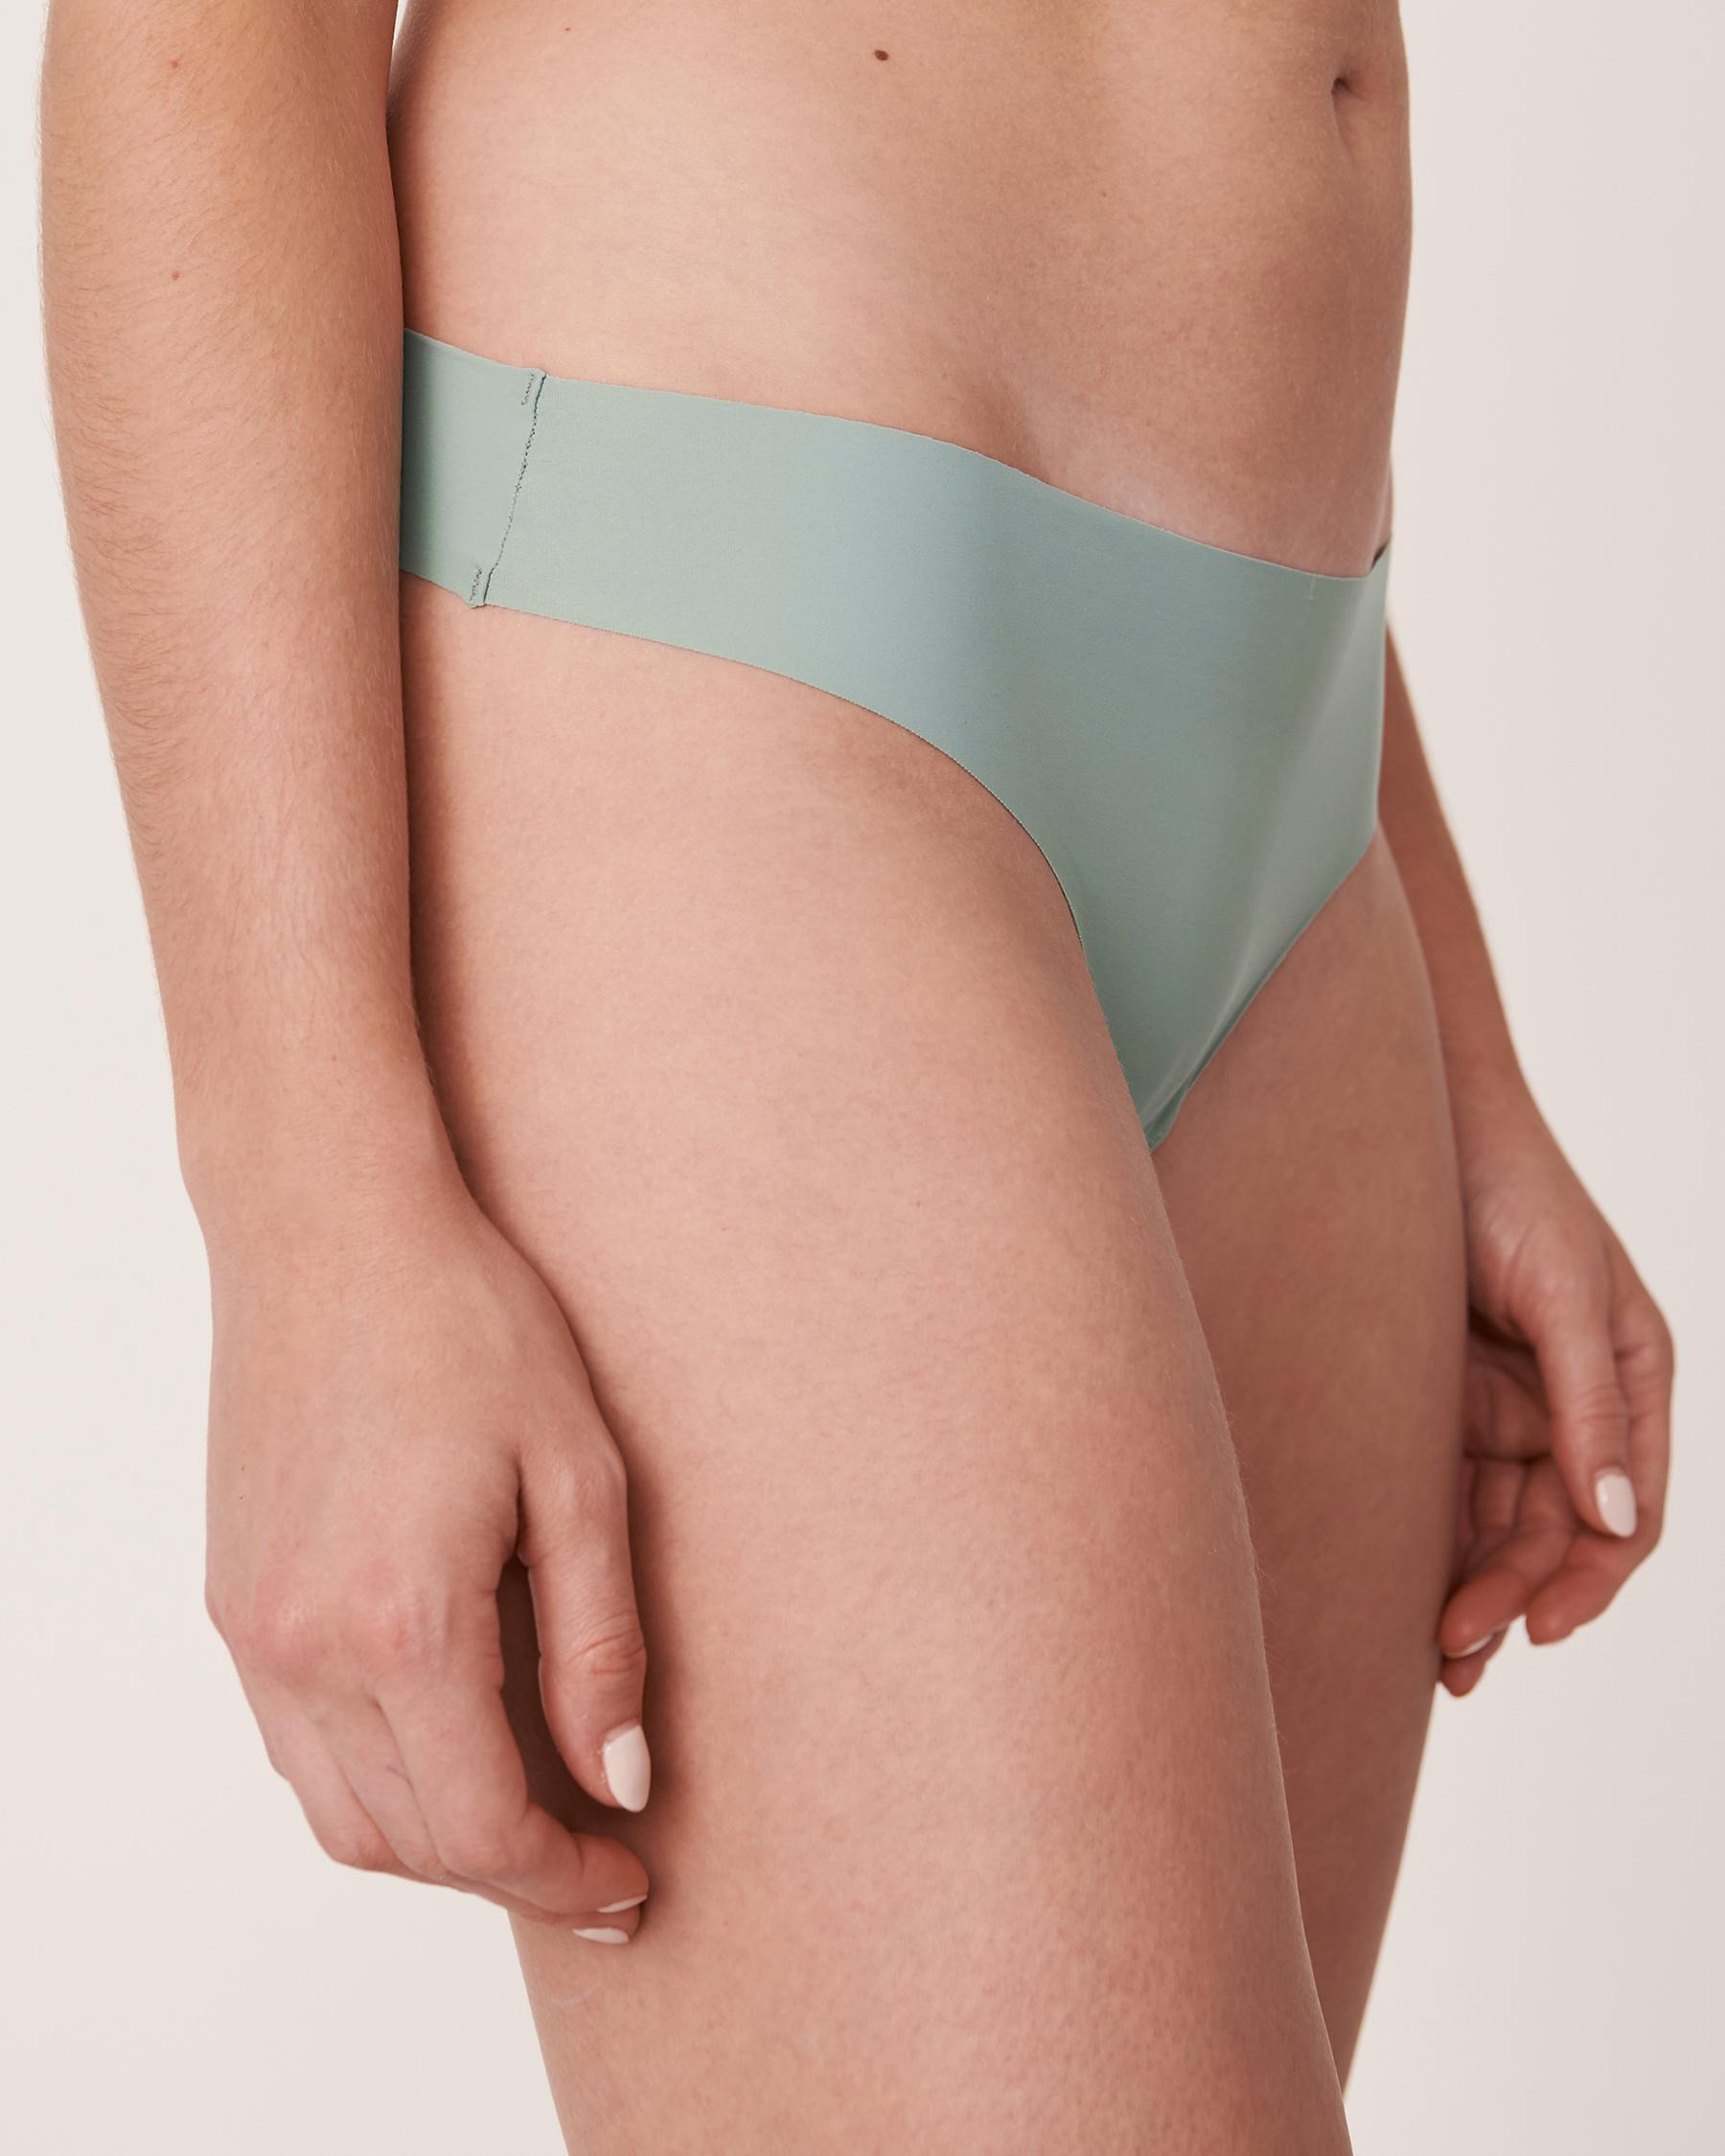 LA VIE EN ROSE Seamless Thong Panty Green 20200047 - View1